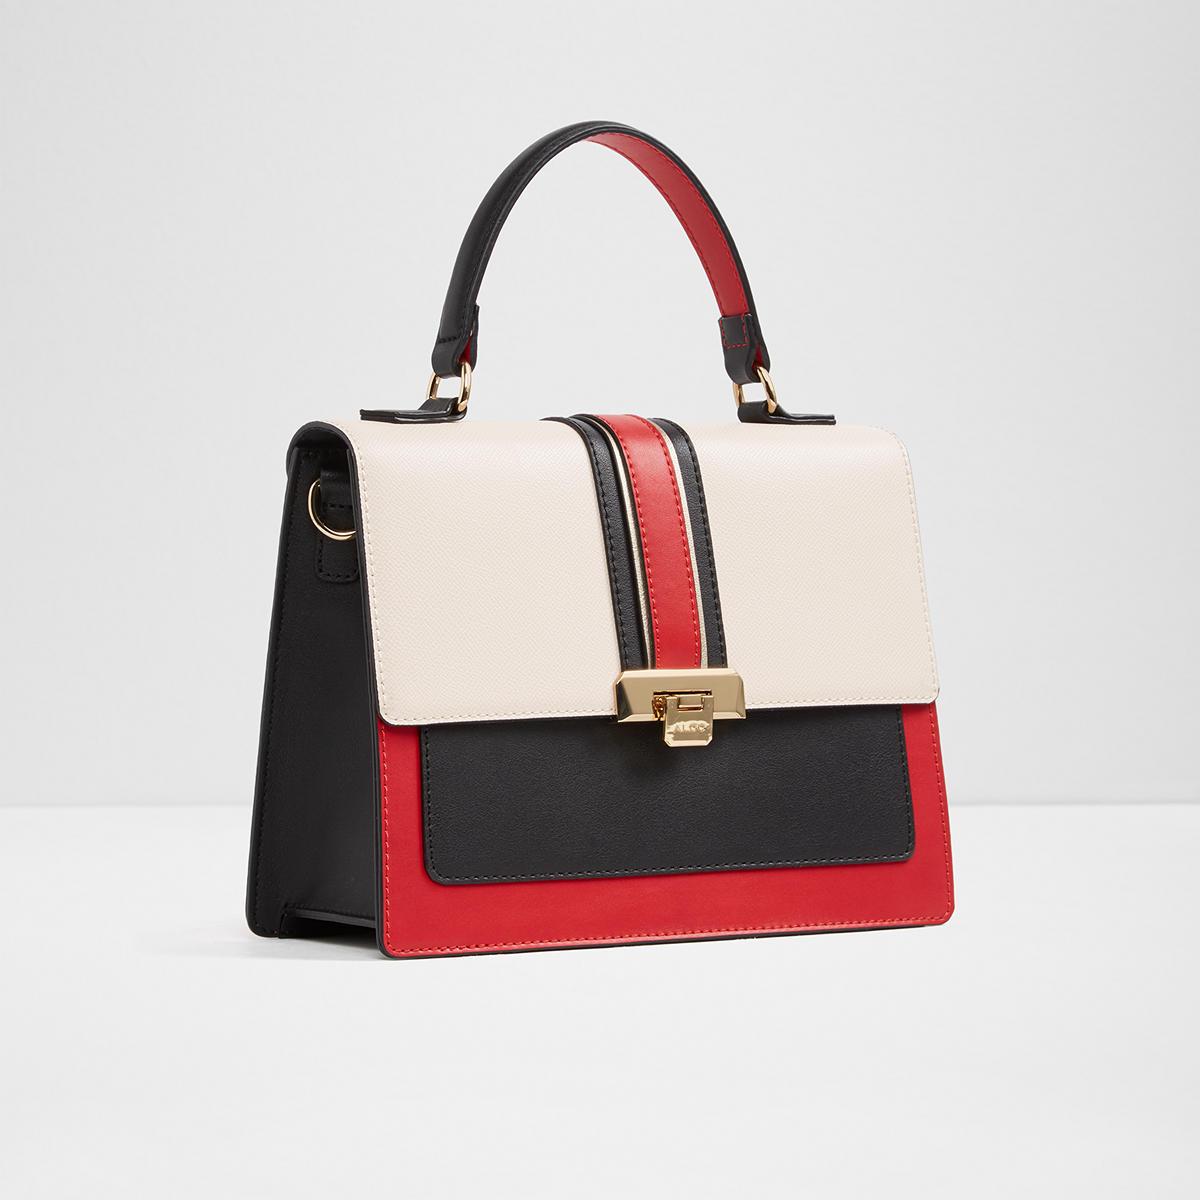 Aldo Handbags Reviews